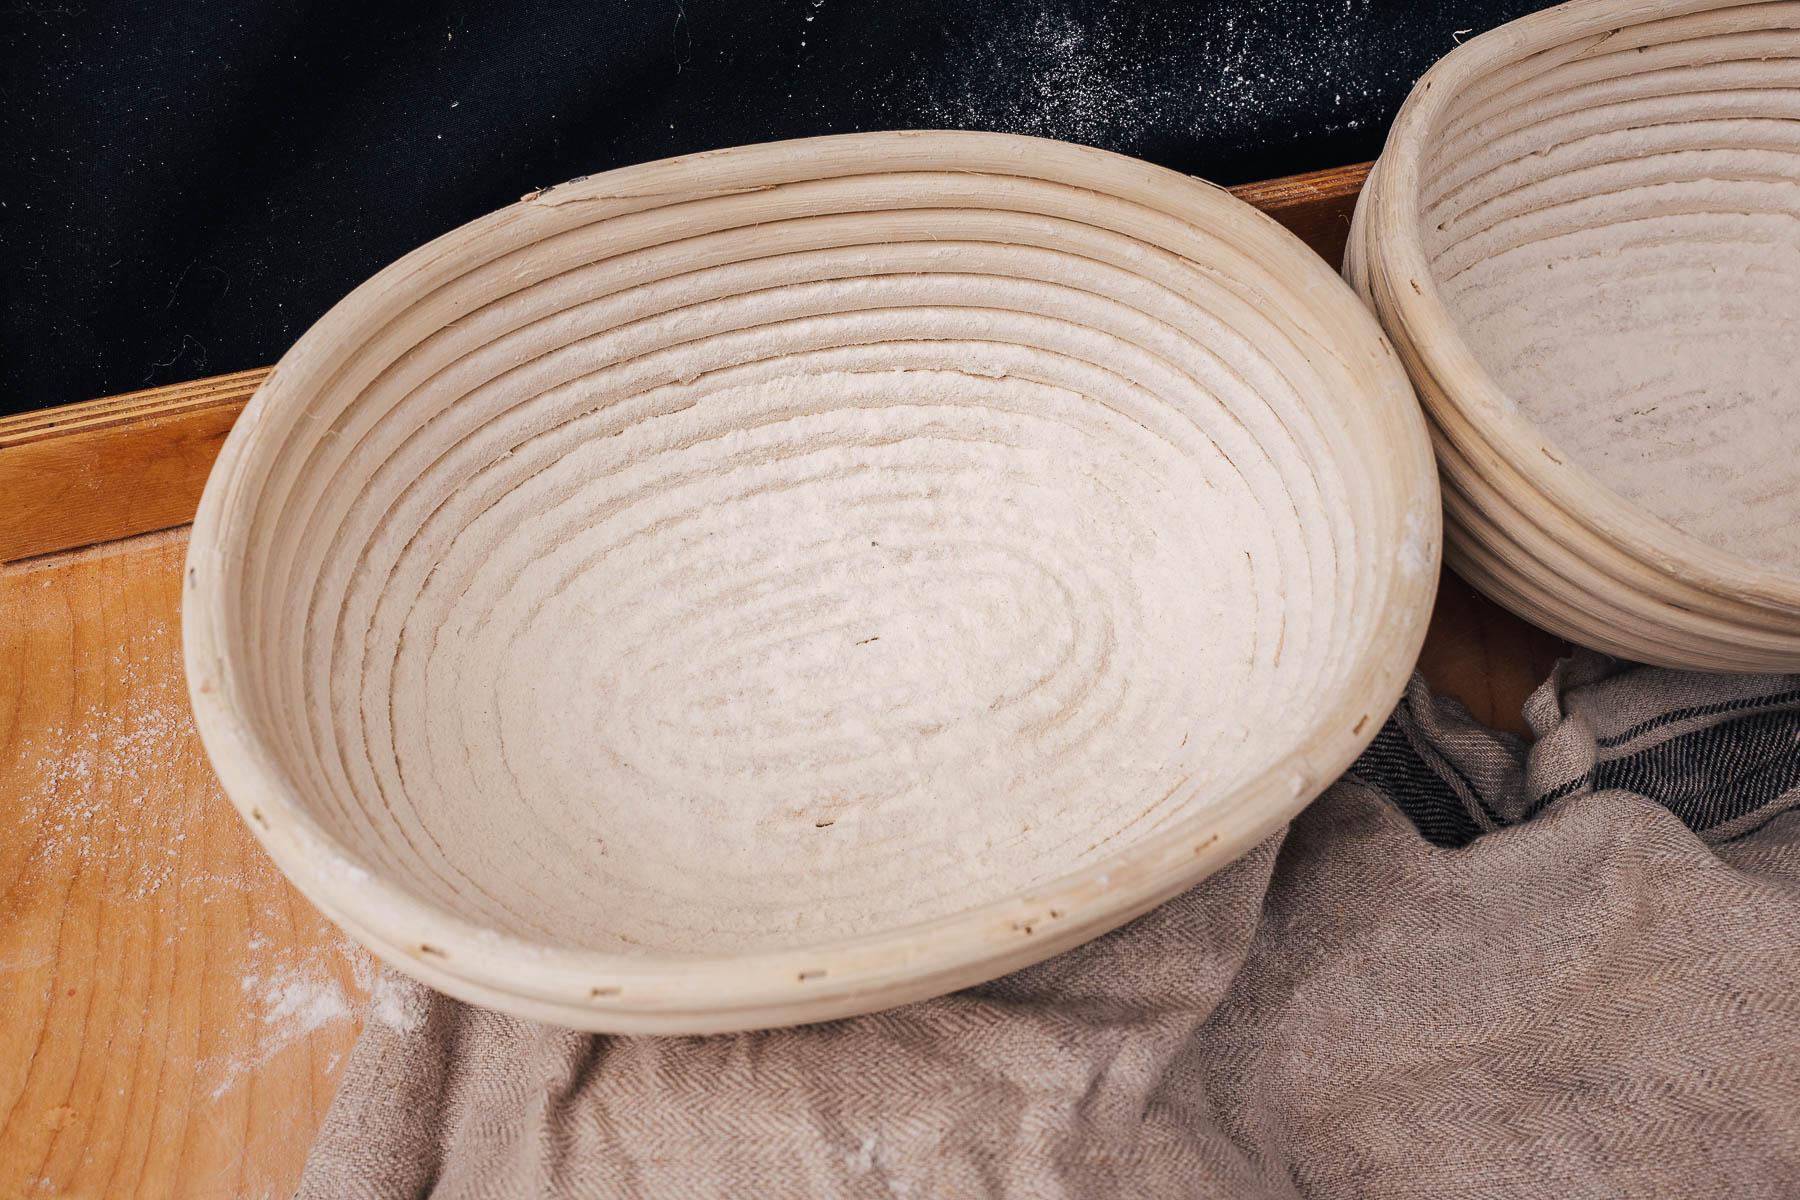 Przygotuj koszyki do wyrastania podsypując je dokładnie mąką. Ten krok zapobiegnie przyklejaniu się ciasta do koszyka.